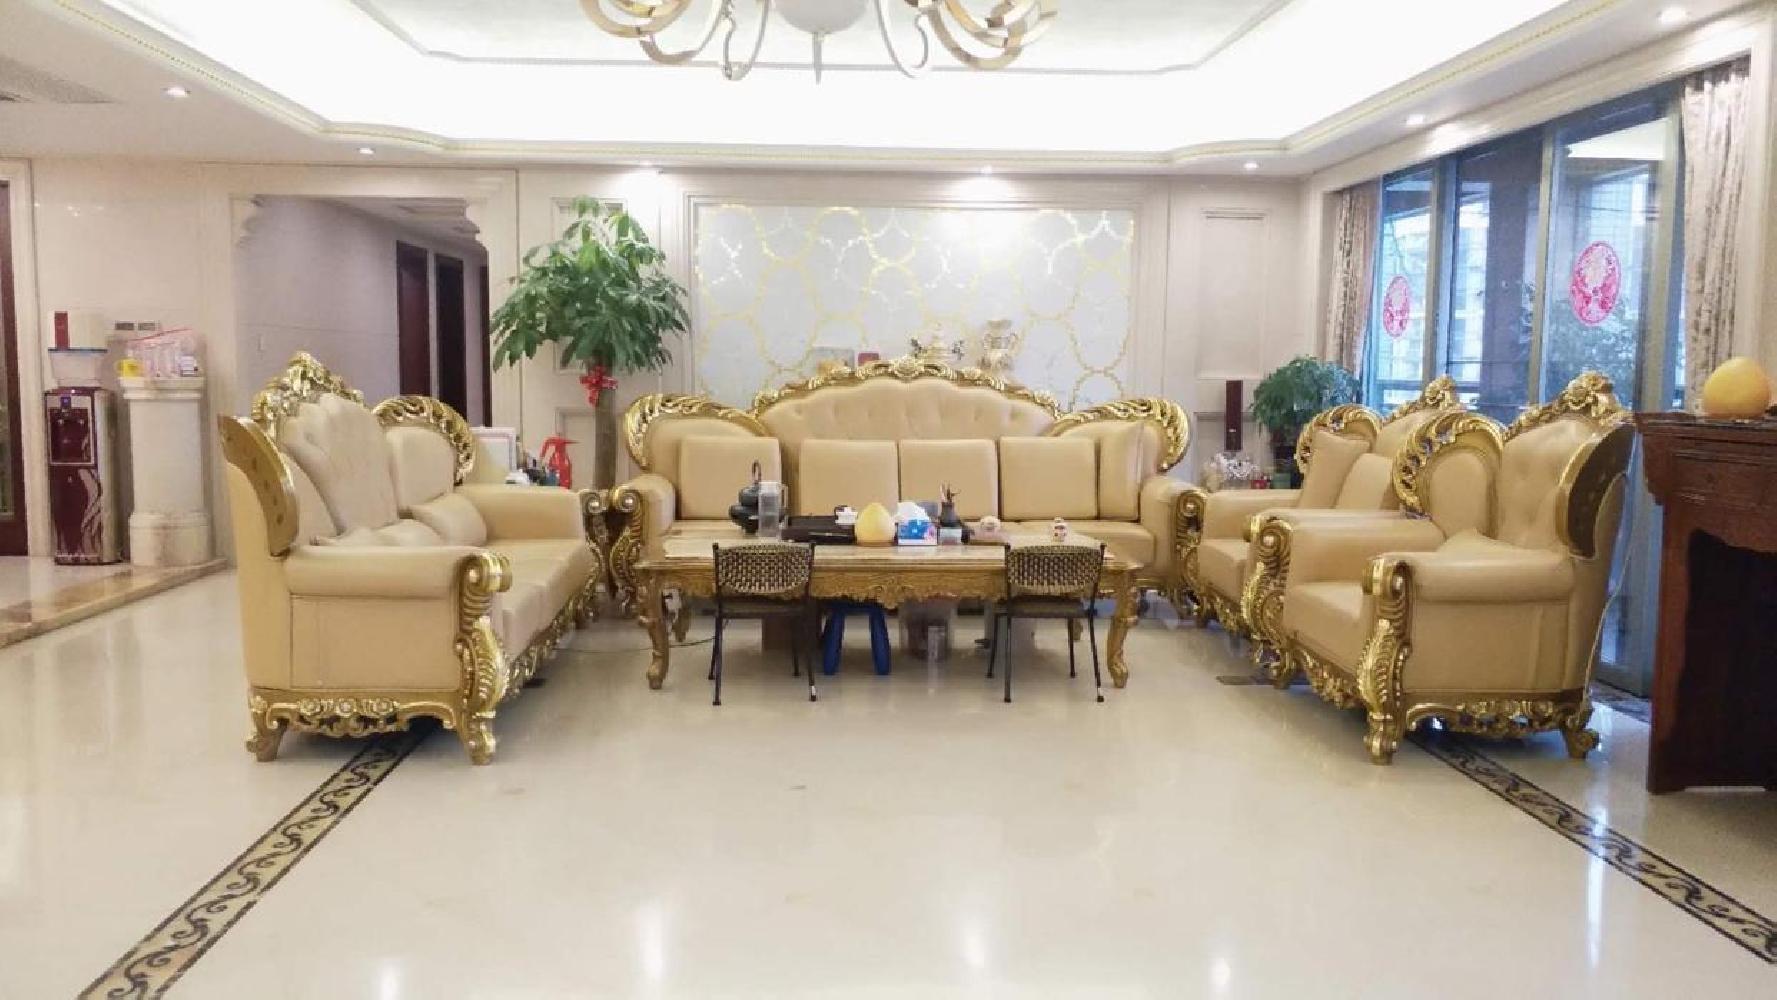 中海璟晖华庭 实用四房 户型方正实用 带双省级学位 采光通风